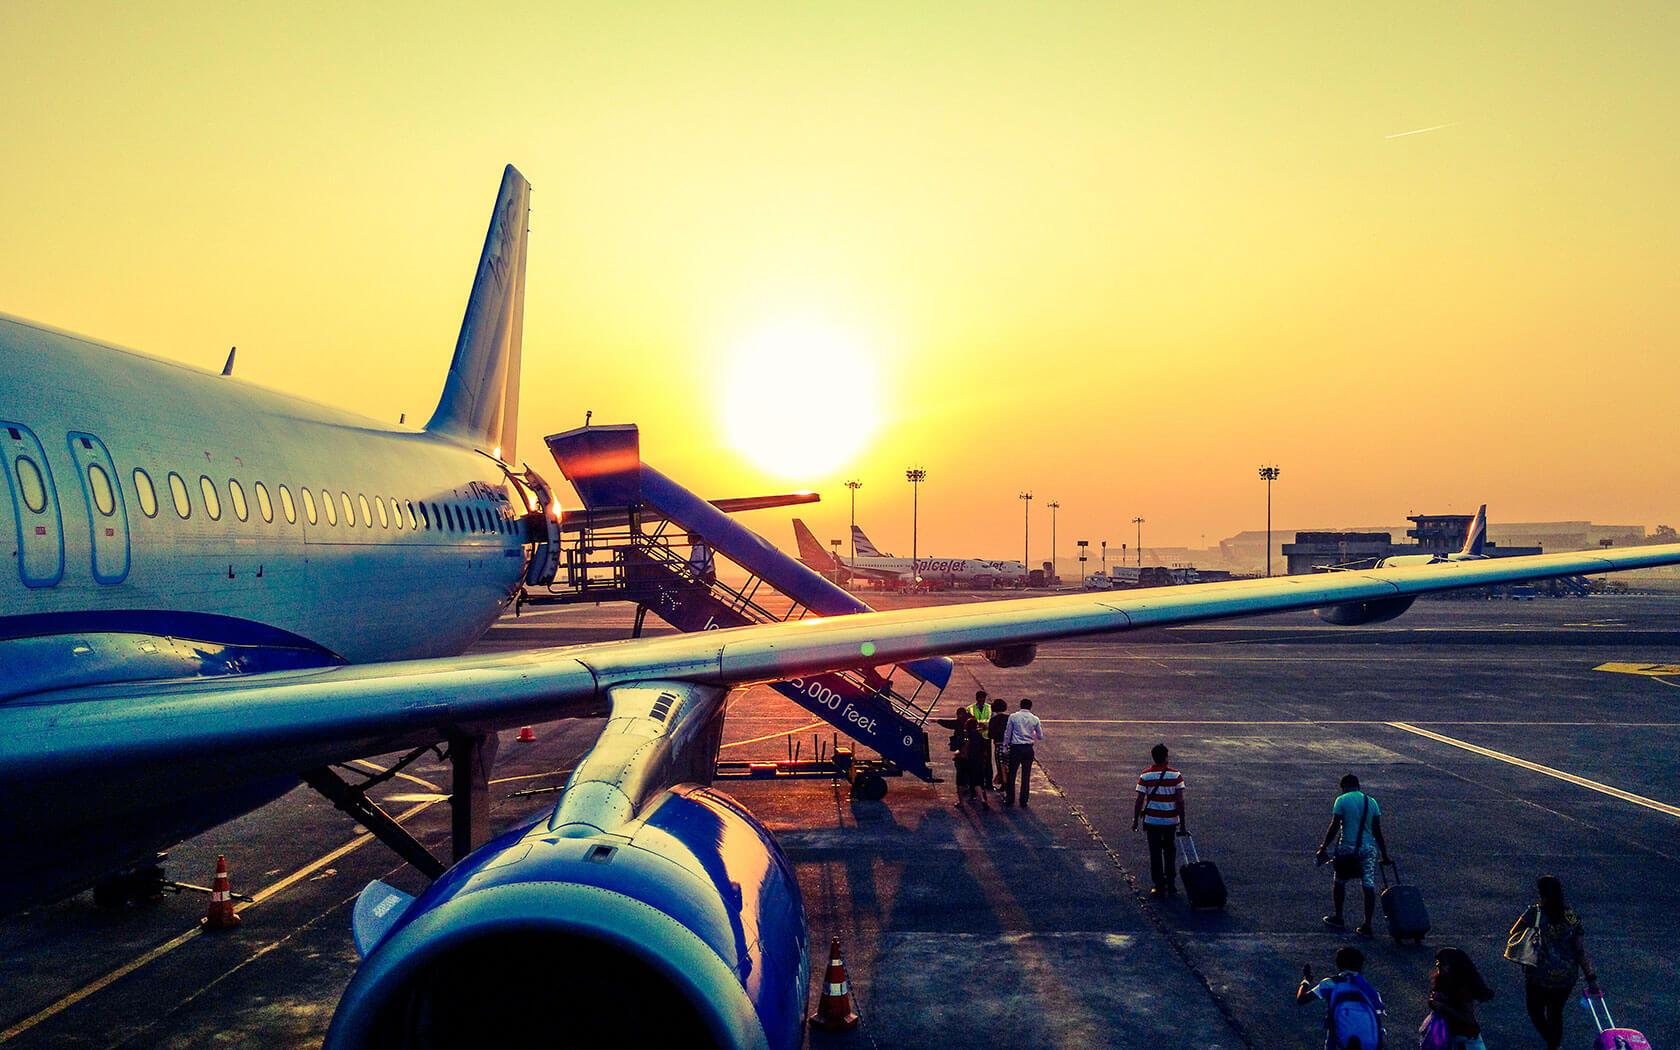 Миф или правда: на крупные самолеты больше не купить авиабилеты?